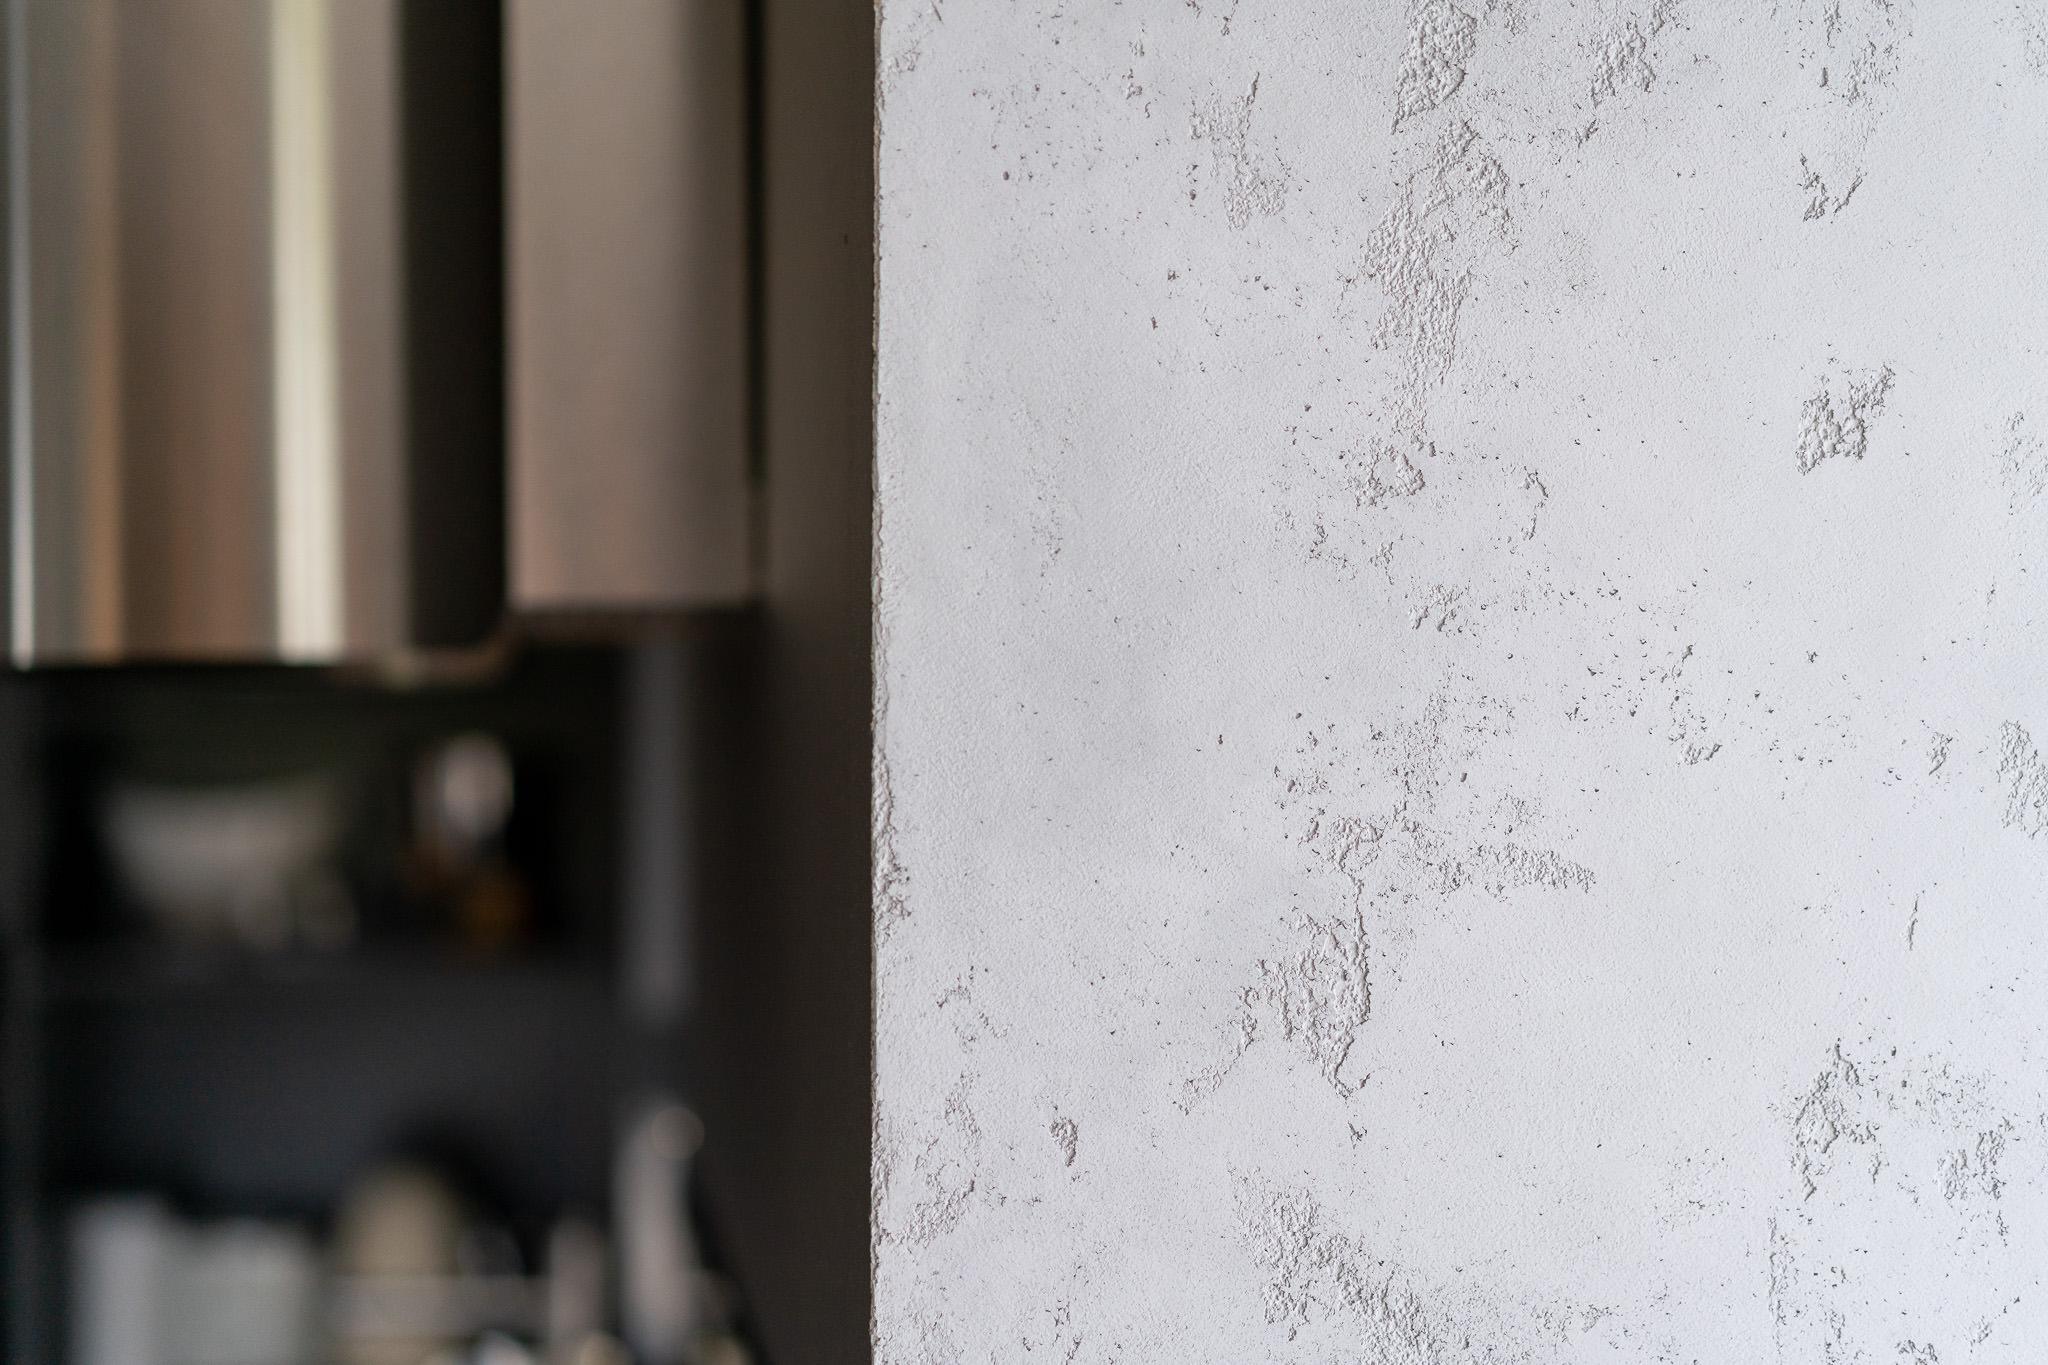 9 projketowanie wnetrz R105 mieszkanie Krakow strefa dzienna beton na scianie